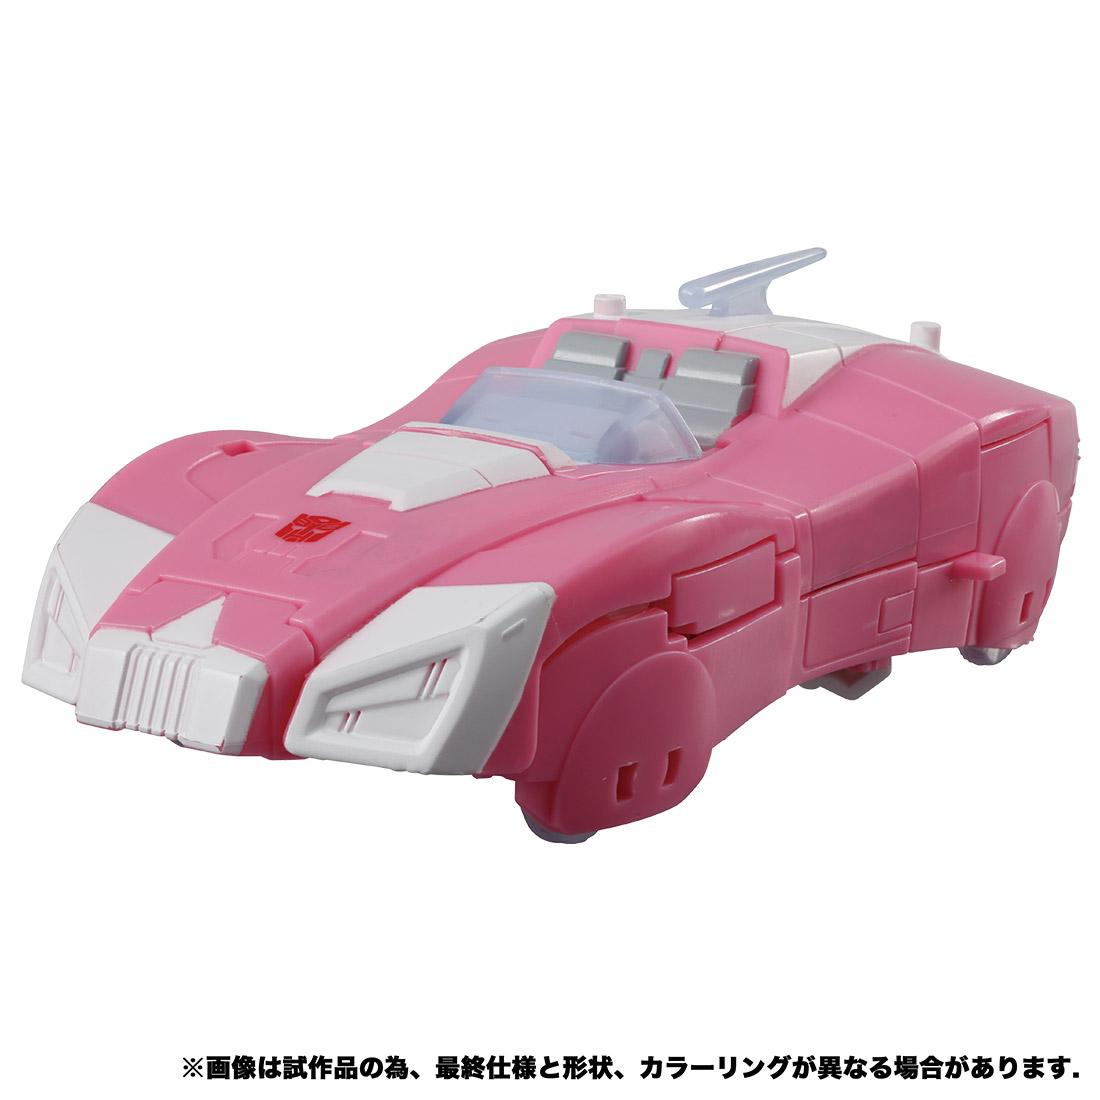 トランスフォーマー アースライズ『ER-09 アーシー』可変可動フィギュア-002